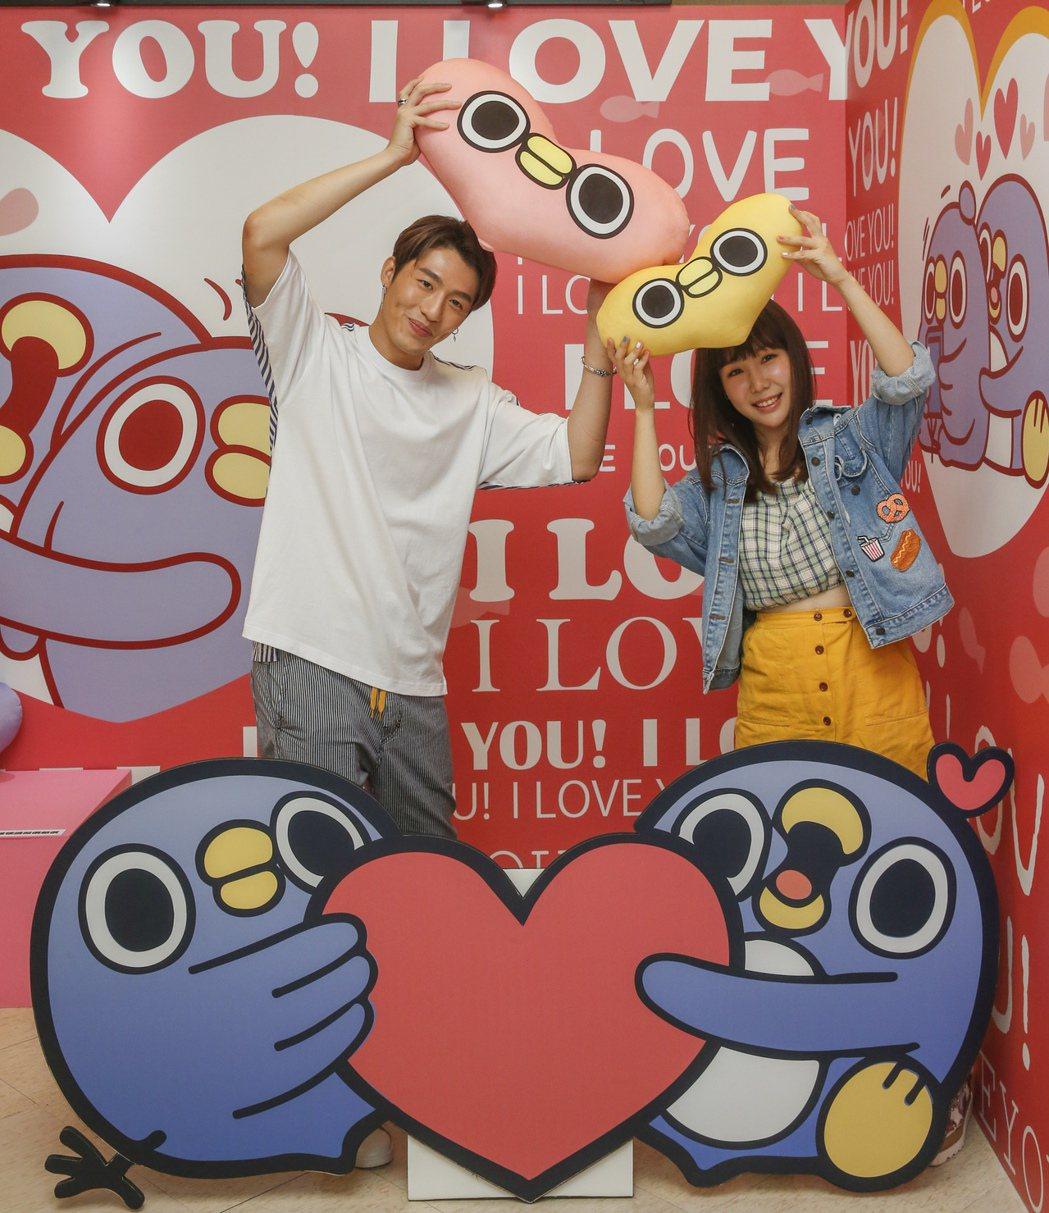 黃昺翔(左)與魏妙如(右)下午一起前去看「懶得鳥你」展覽。記者鄭超文/攝影